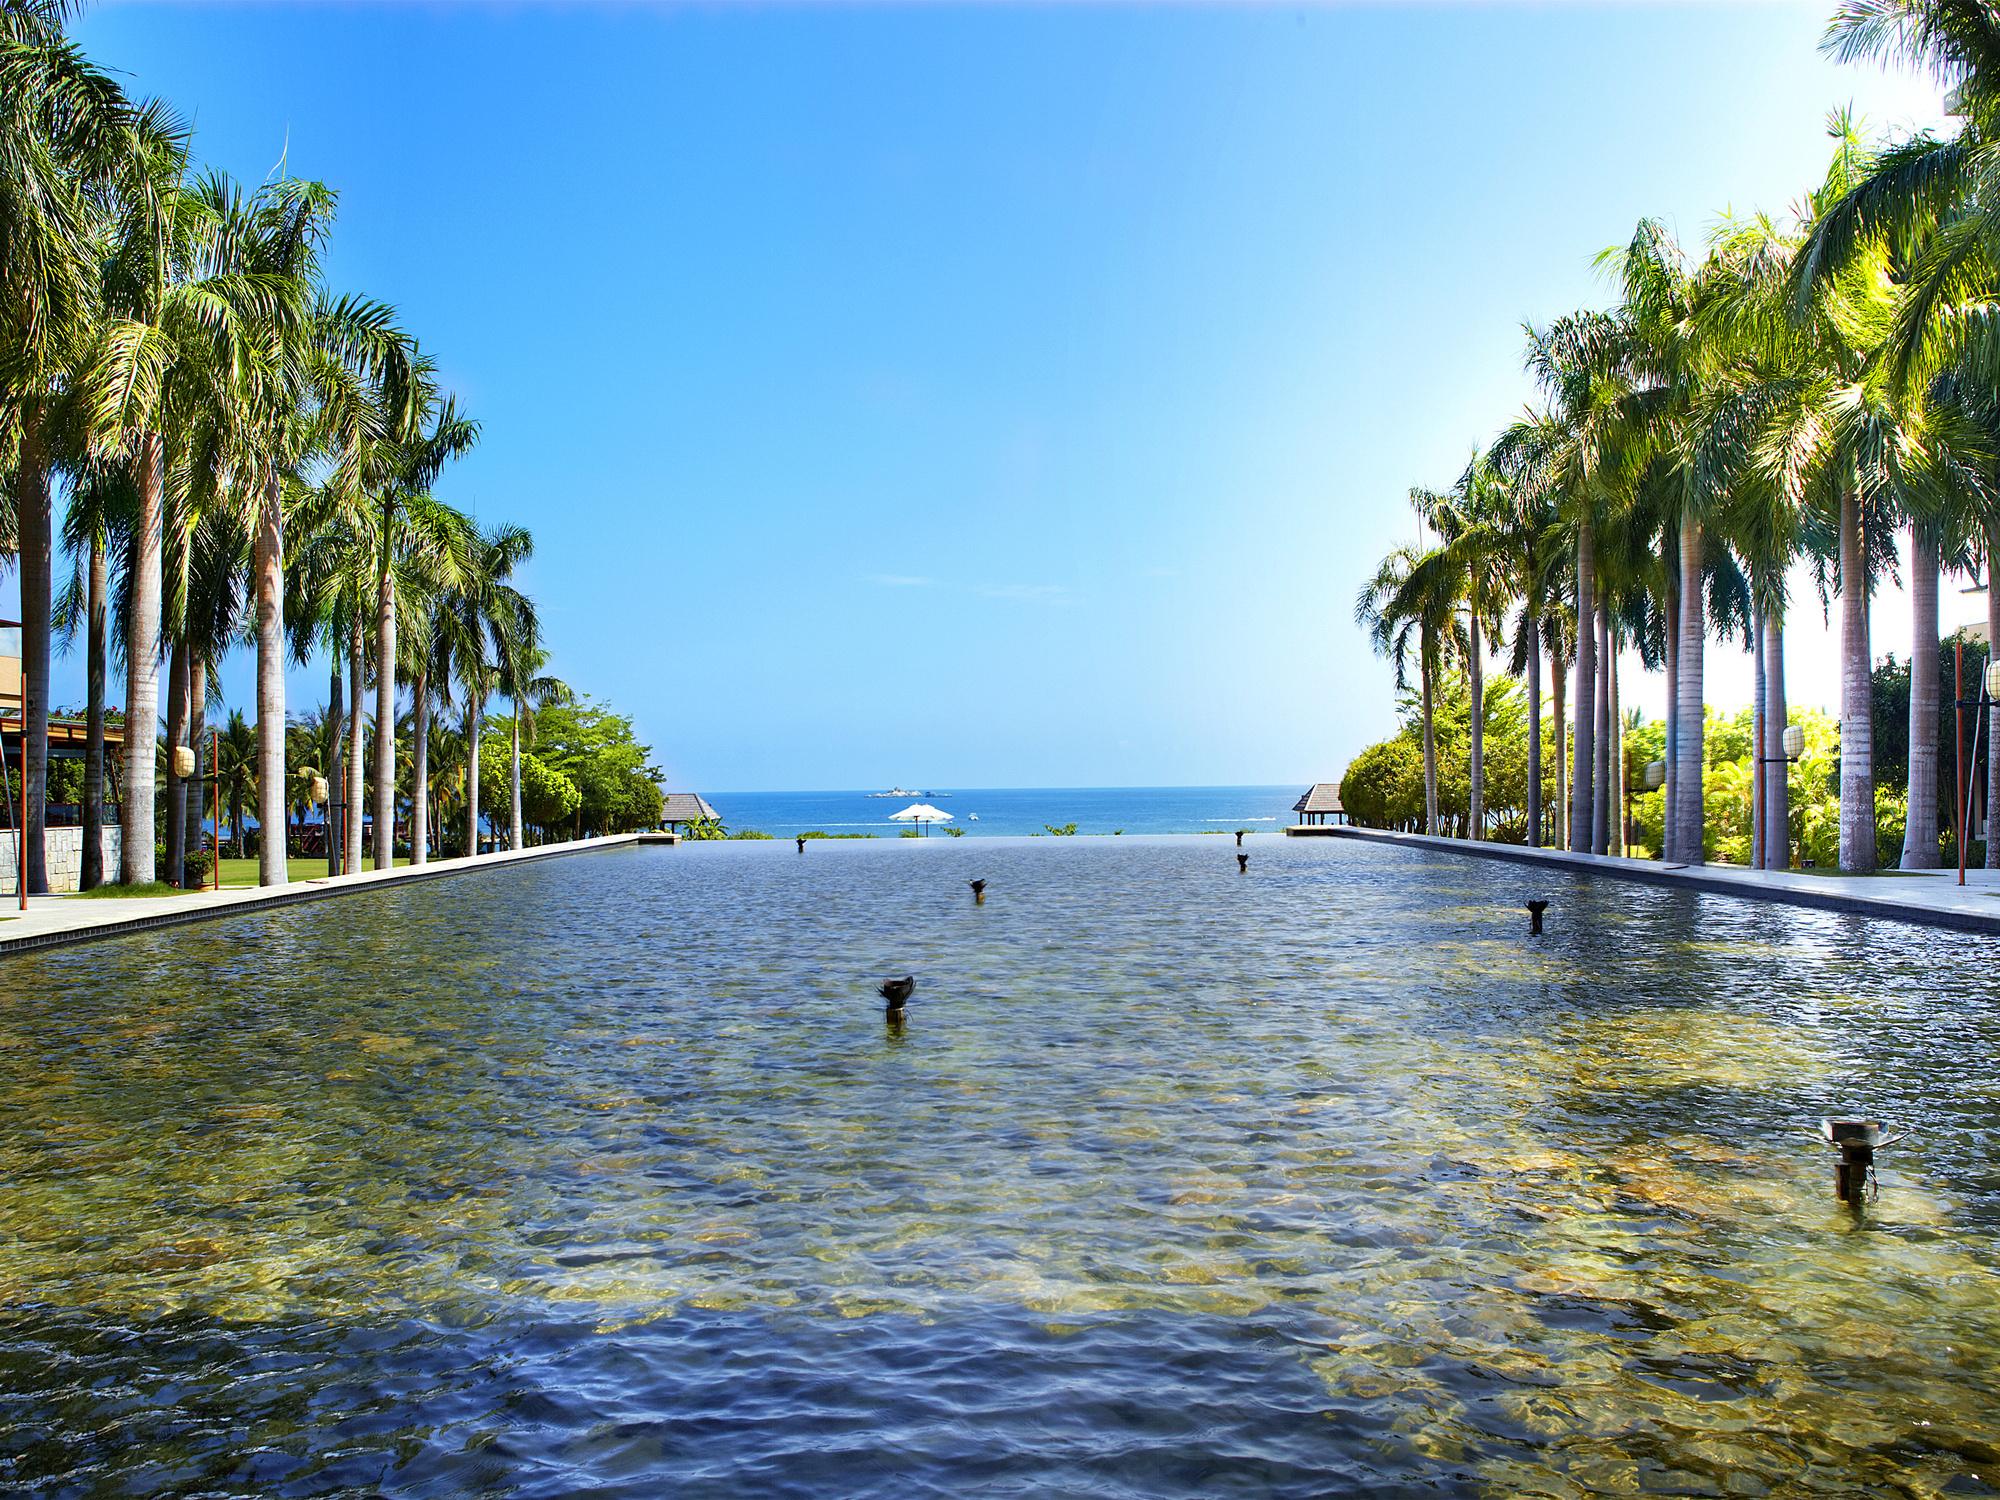 三亚亚龙湾红树林度假酒店超级飞侠亲子海景套房含双早